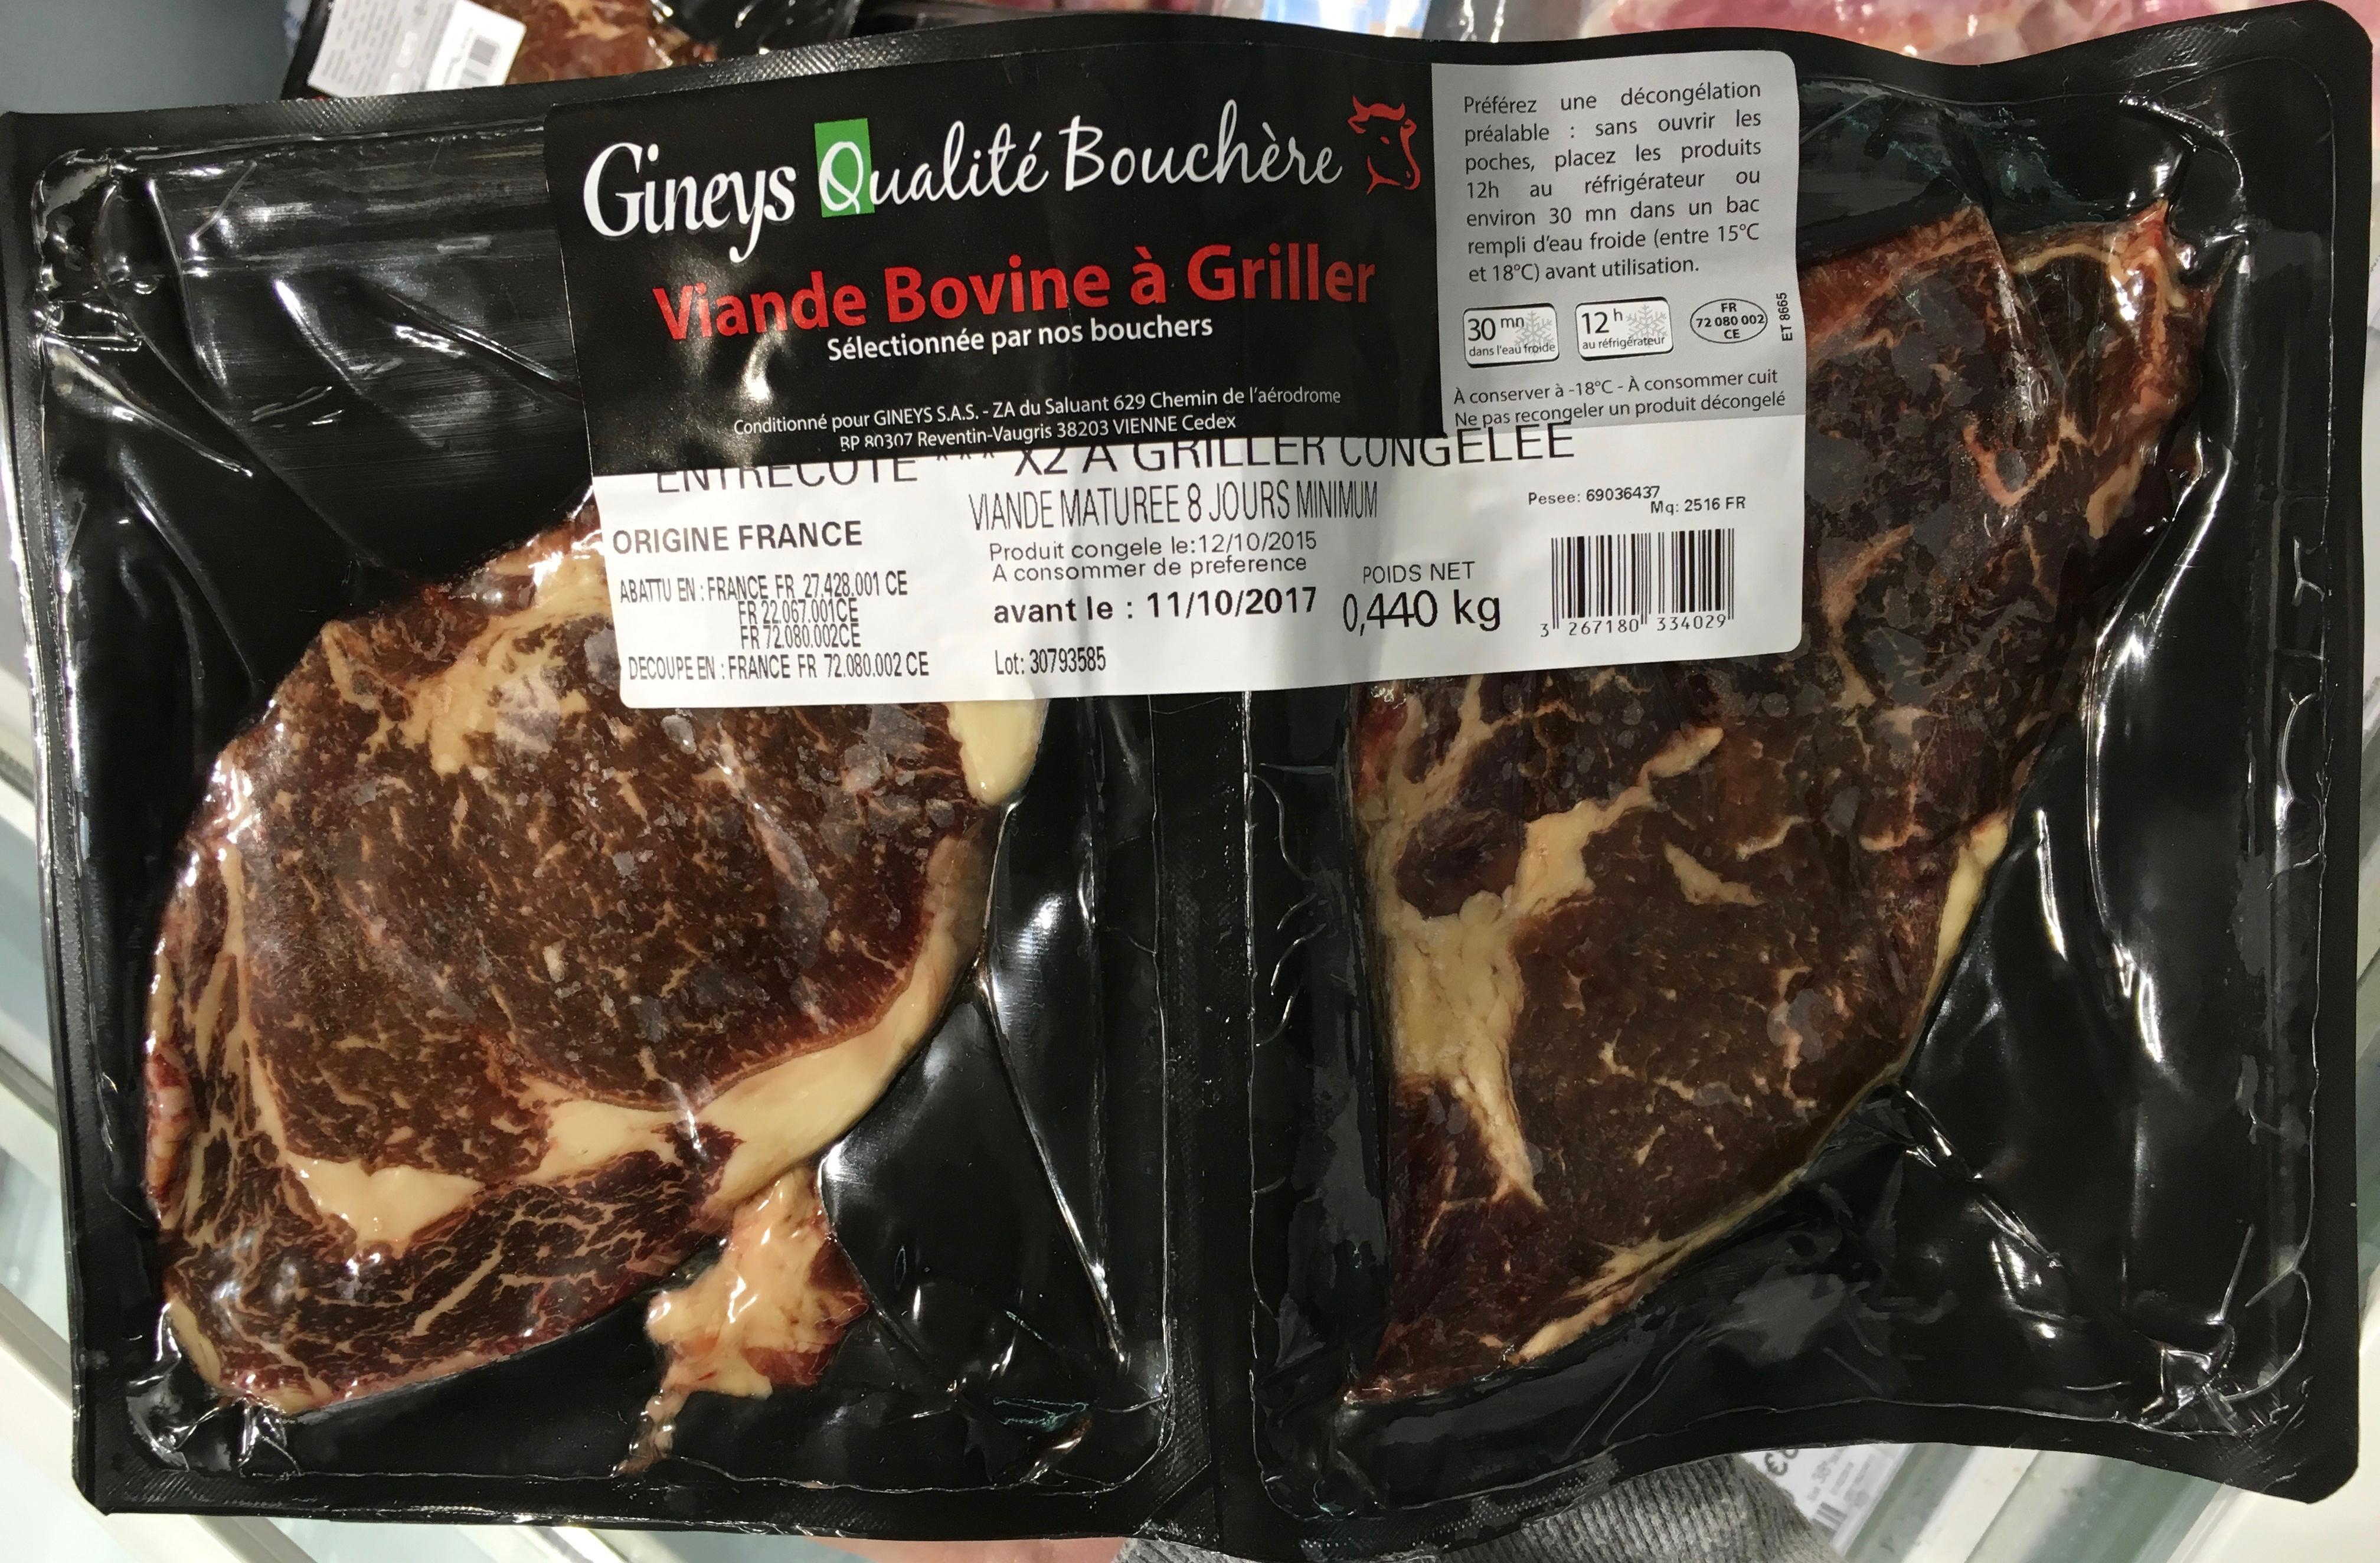 Viande bovine à griller - Product - fr